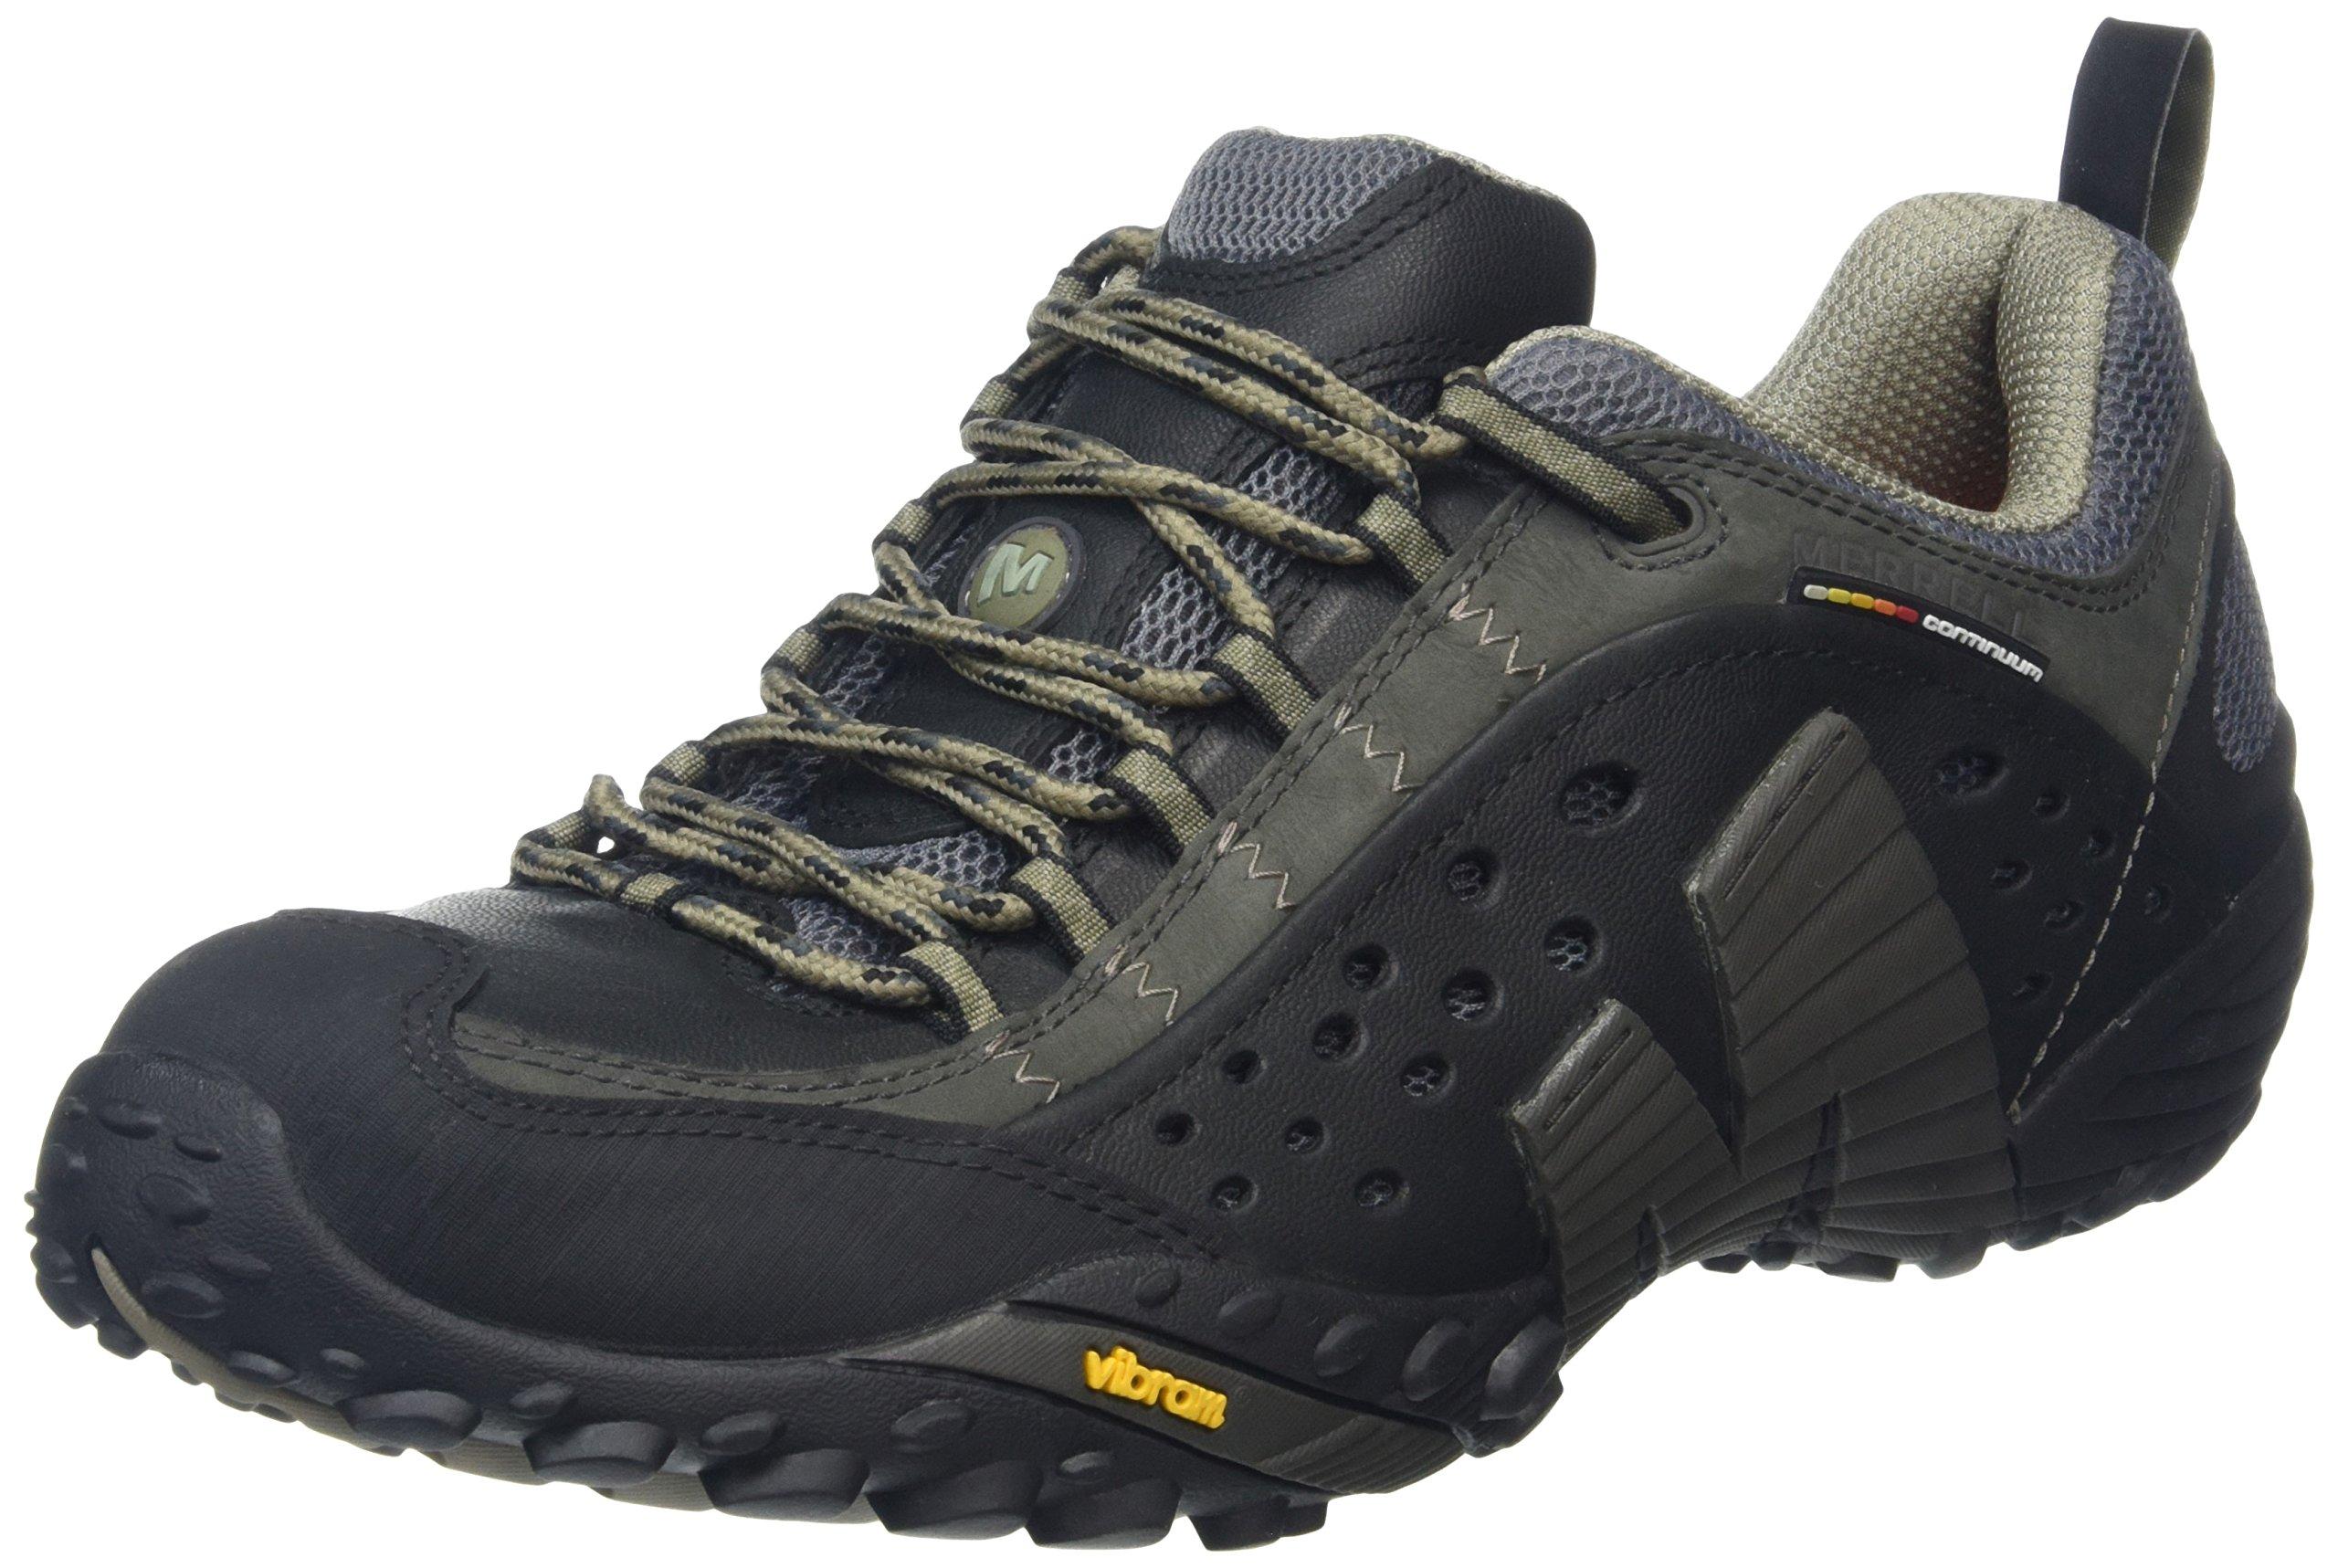 Merrell Men's Intercept Smooth Black Leather Sneaker 10 M